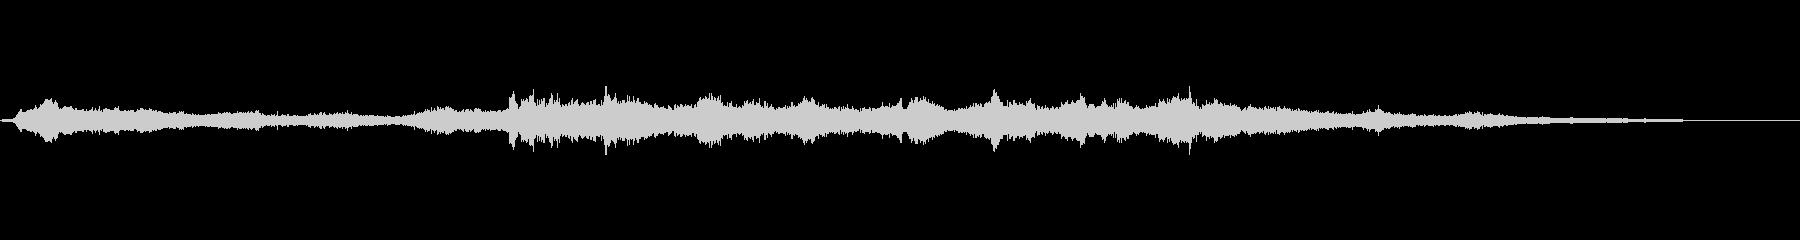 ヒュワワーン ジリジリシューの未再生の波形